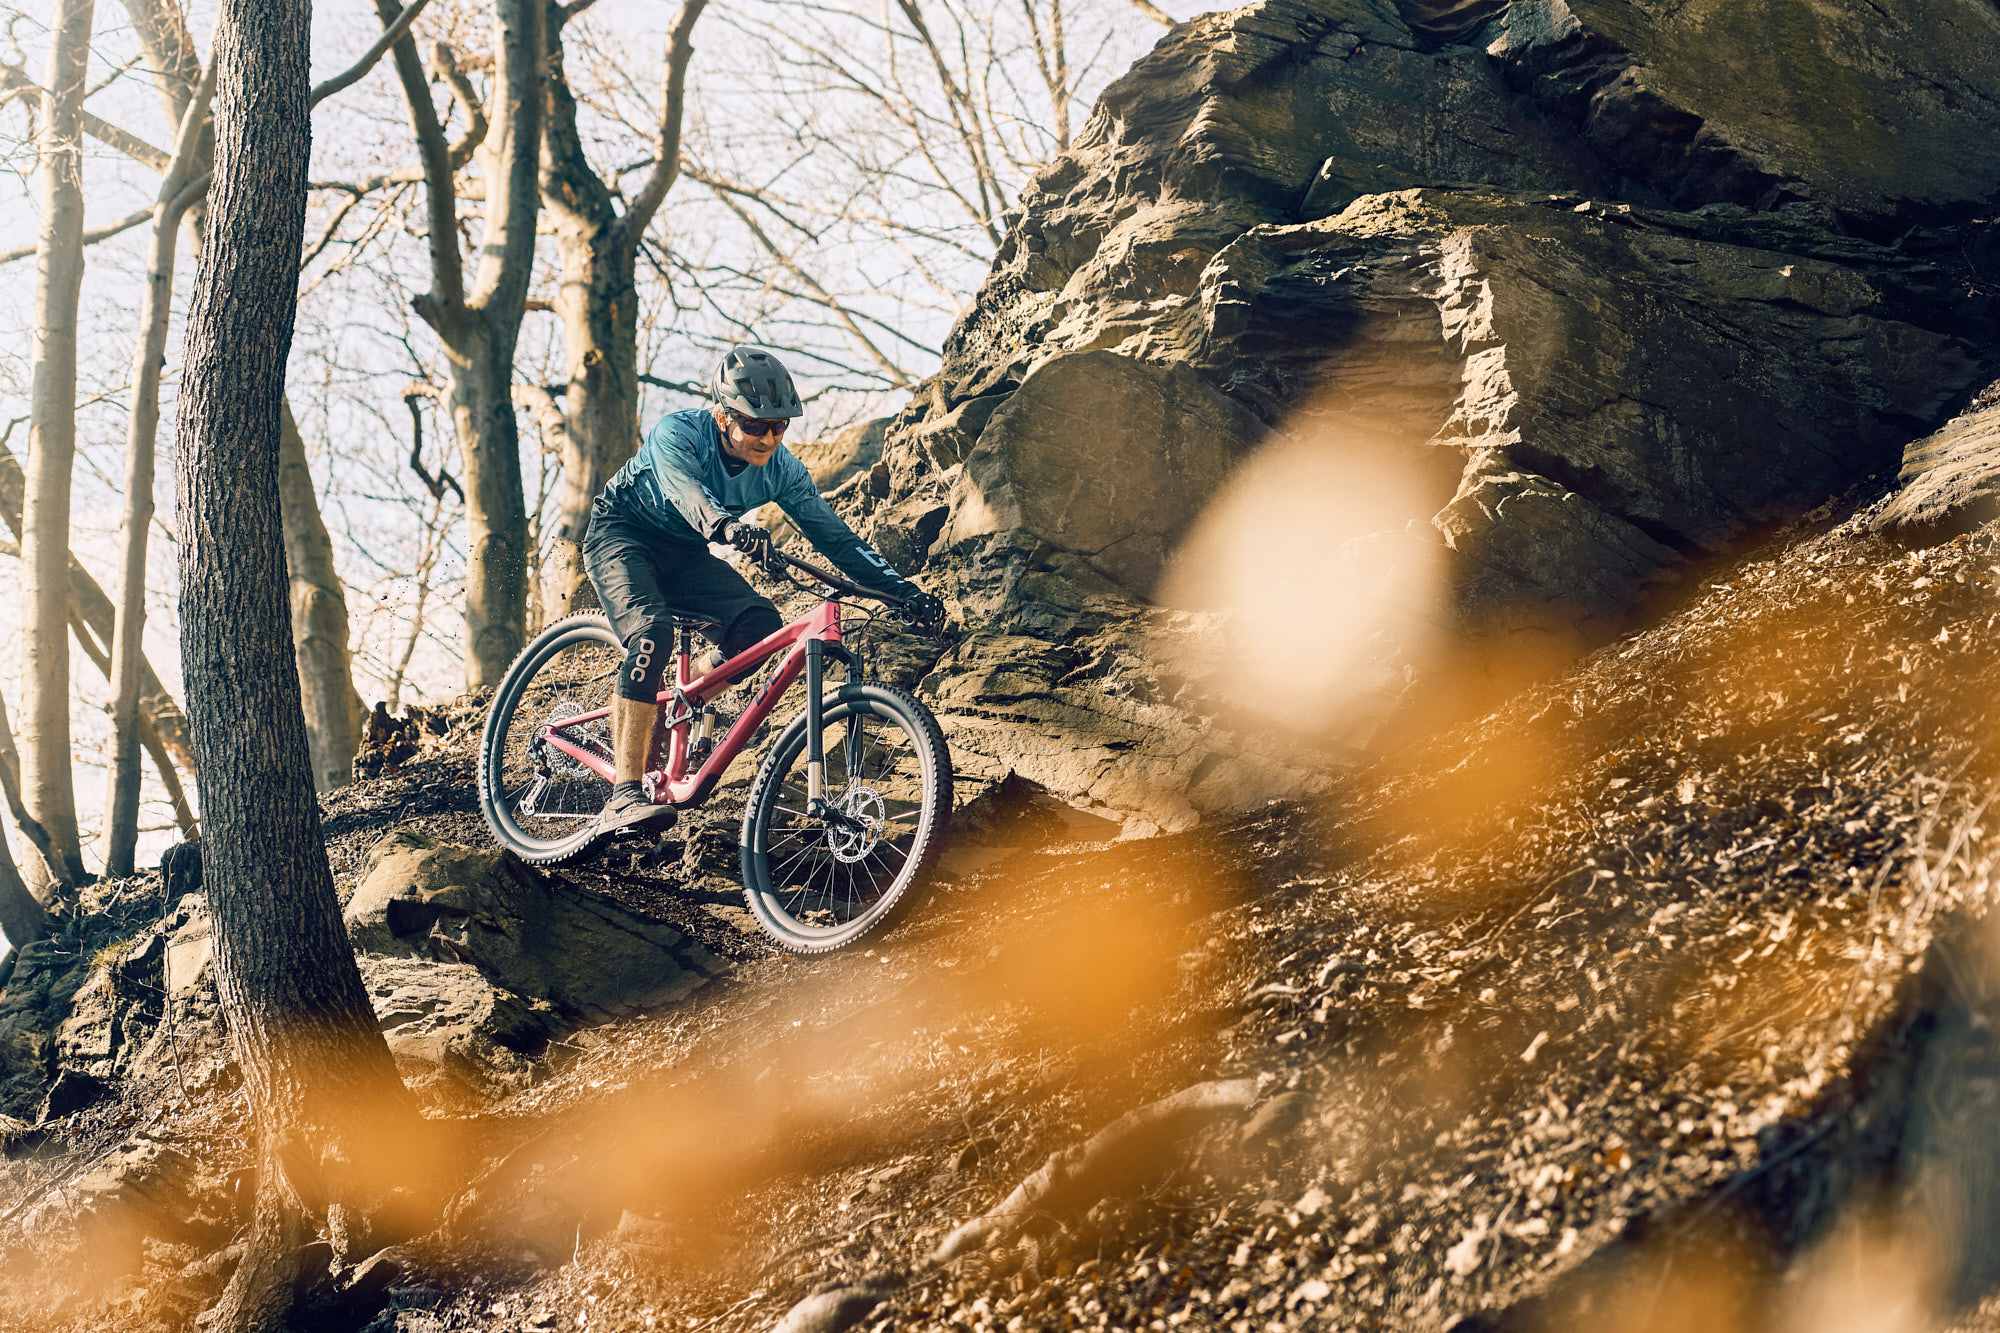 LAST CINTO Joerg Heydt 001 Cycleholix